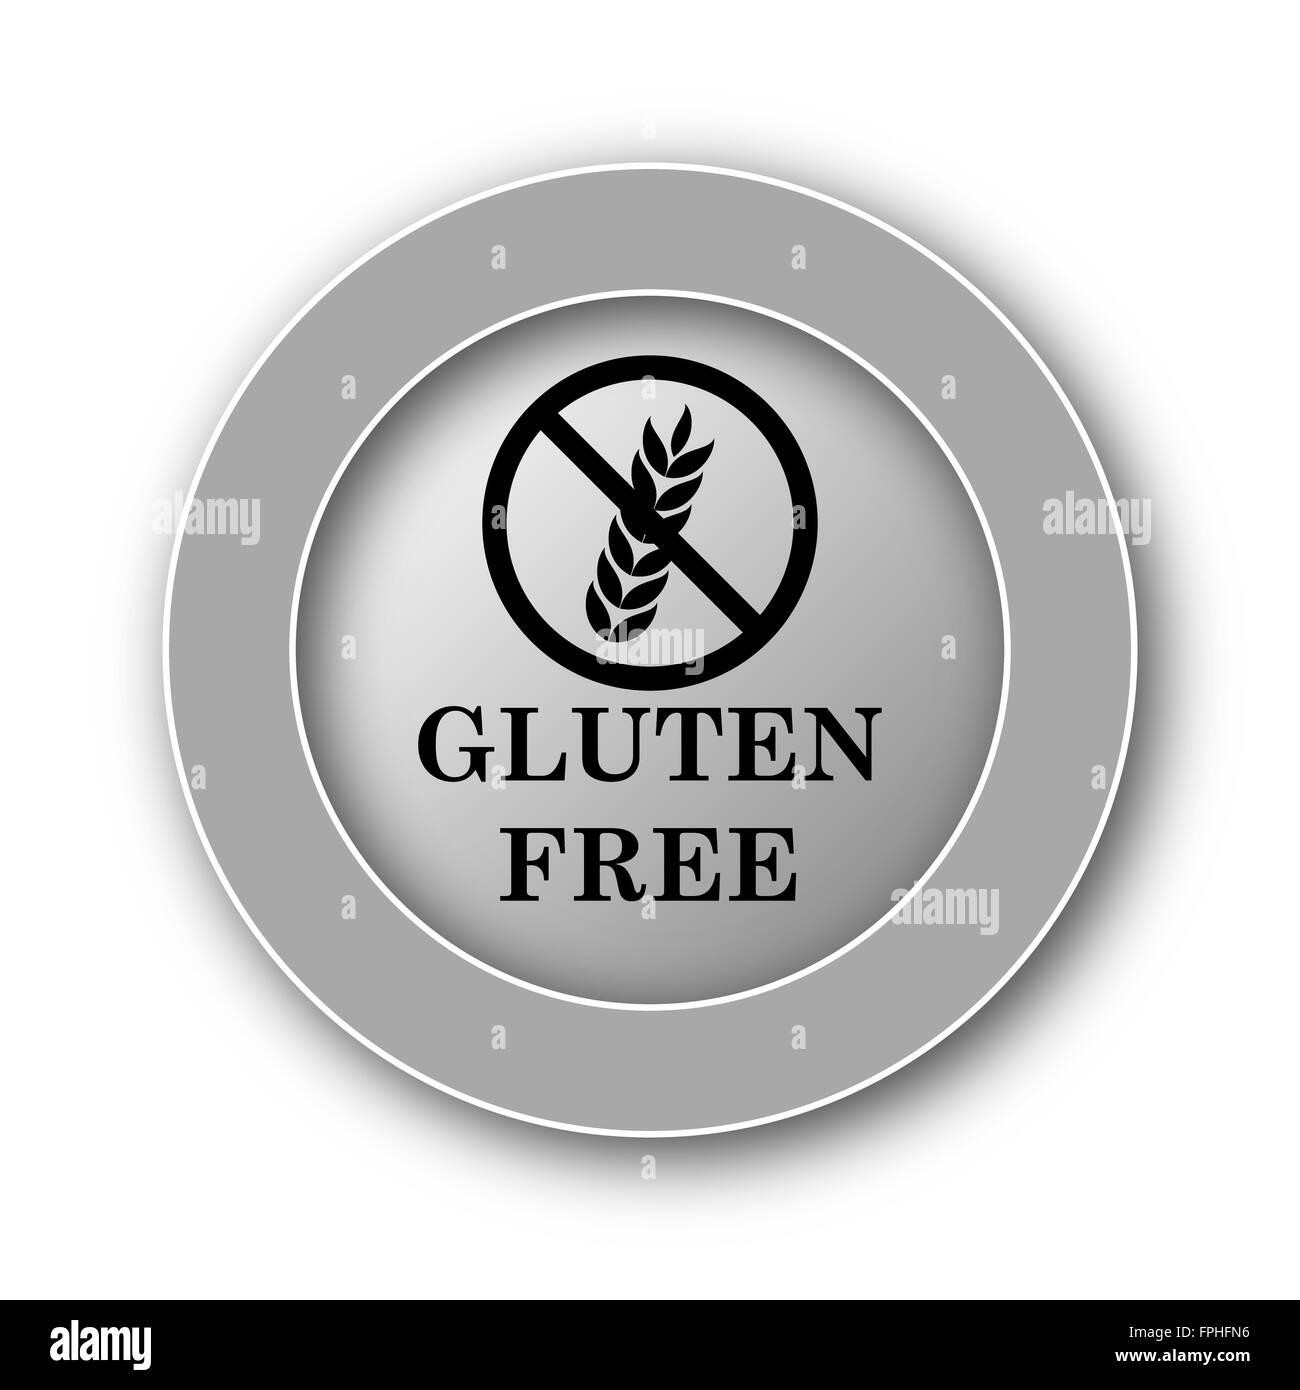 Gluten free icon  Internet button on white background Stock Photo